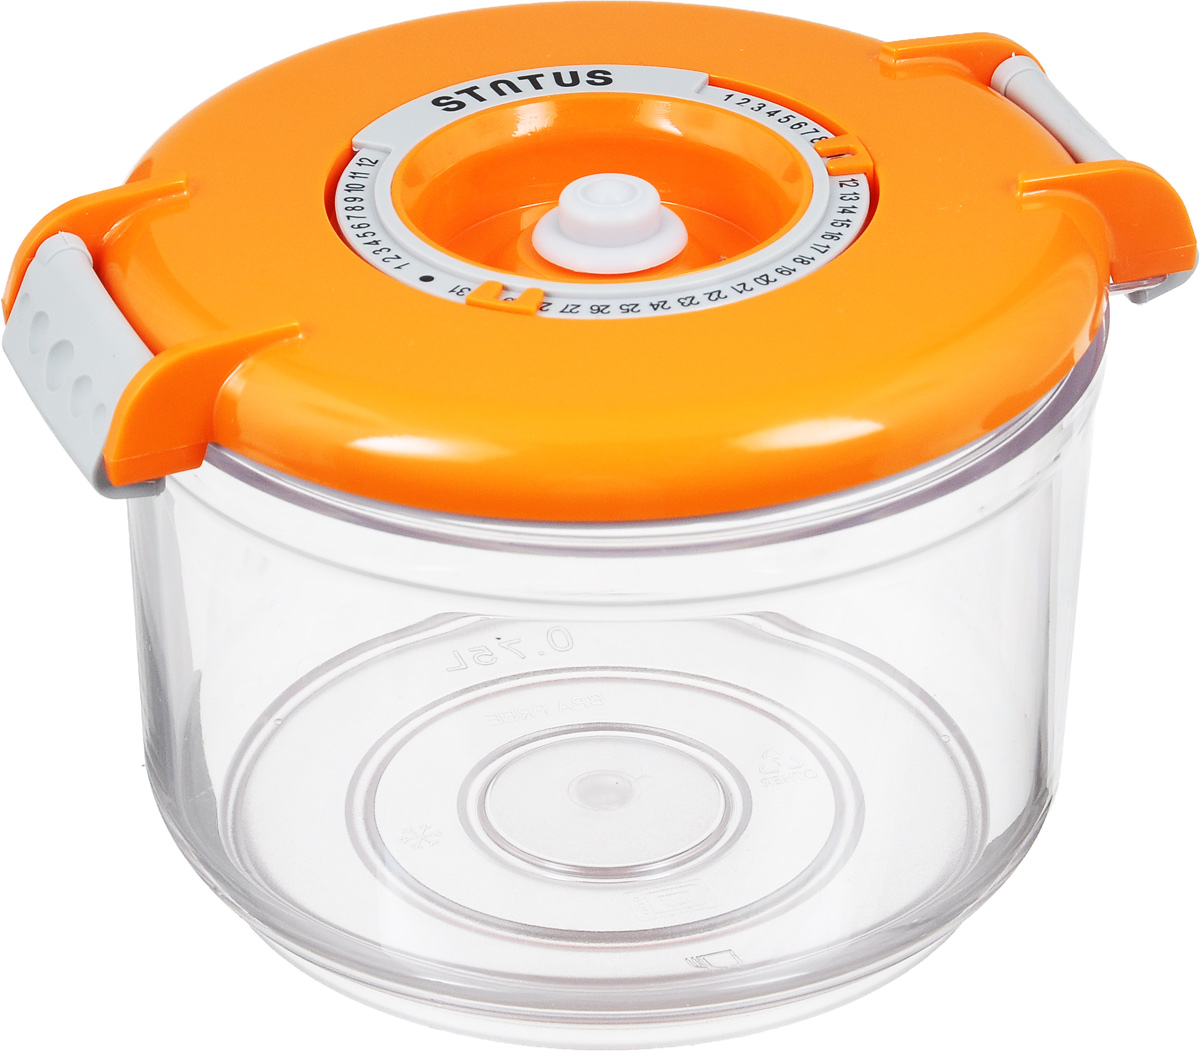 Контейнер вакуумный Status, с индикатором даты срока хранения, 0,75 лVAC-RD-075 OrangeВакуумный контейнер Status выполнен изхрустально-прозрачного прочного тритана.Благодаря вакууму, продукты не подвергаютсявнешнему воздействию, и срок хранениязначительно увеличивается, сохраняют своивкусовые качества и аромат, азапахи в холодильнике не перемешиваются.Допускается замораживание до -21°C, мойкаконтейнера в посудомоечной машине, разогрев вСВЧ (без крышки).Рекомендовано хранение следующих продуктов:макаронные изделия, крупа, мука, кофе в зёрнах,сухофрукты, супы, соусы.Контейнер имеет индикатор даты, которыйпозволяет отмечать дату конца срока годностипродуктов. Размер контейнера (с учетом крышки): 13 х 13 х 10 см.